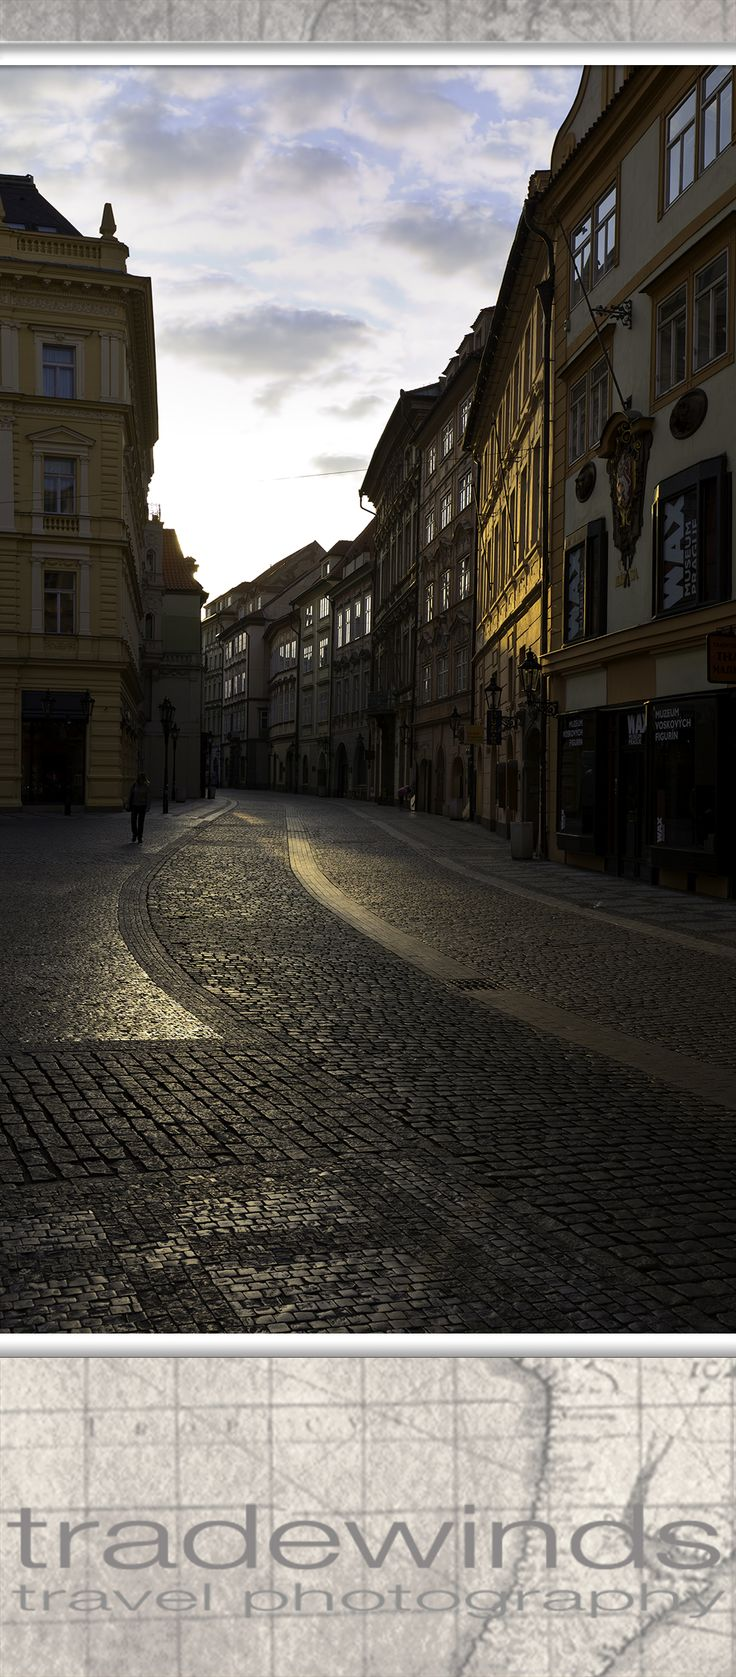 Morning in old town Prague